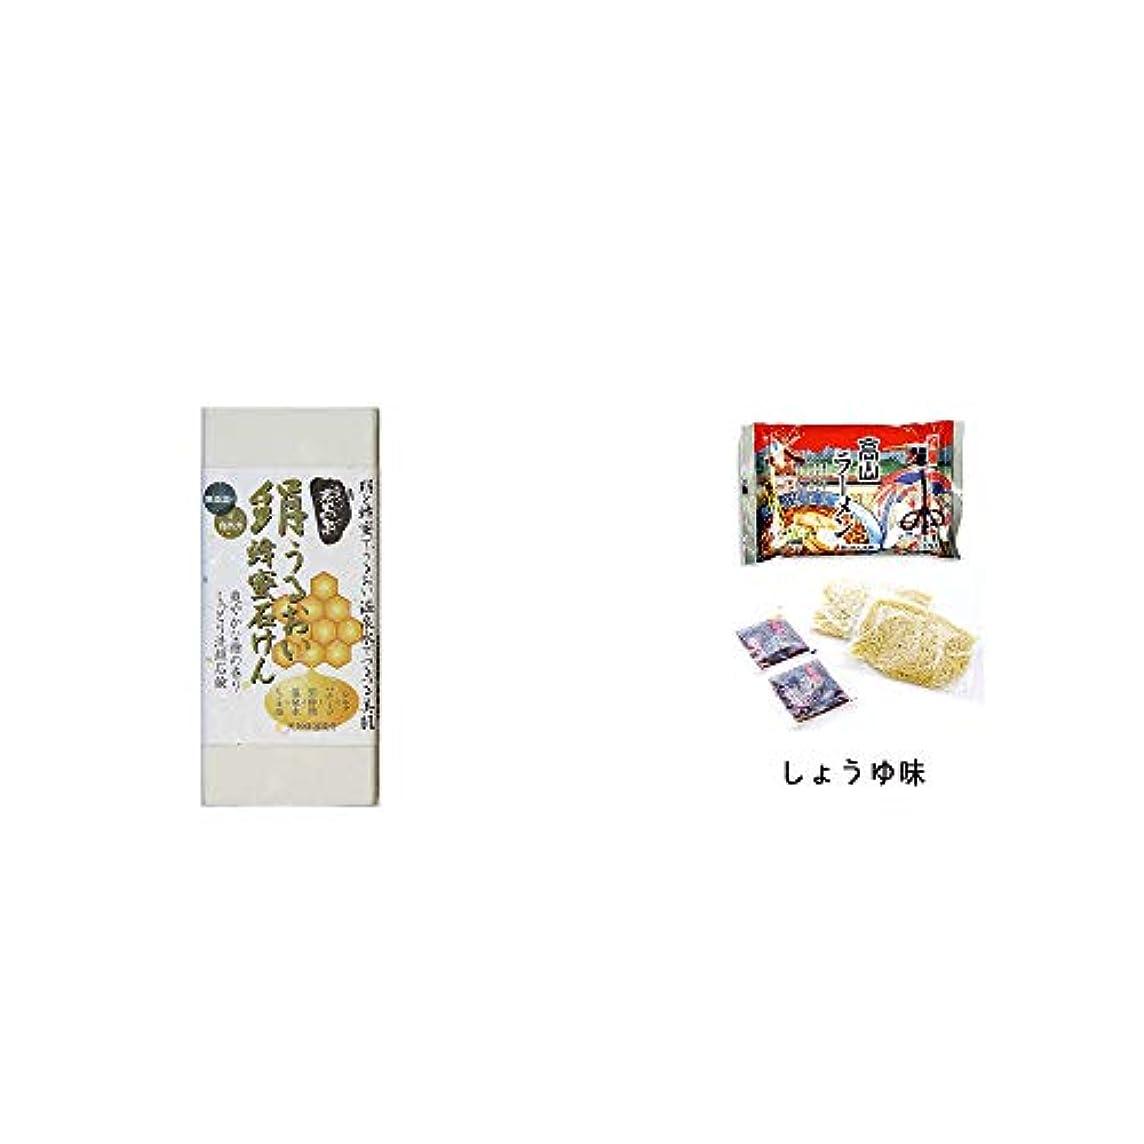 締めるしない電気陽性[2点セット] ひのき炭黒泉 絹うるおい蜂蜜石けん(75g×2)?飛騨高山ラーメン[生麺?スープ付 (しょうゆ味)]